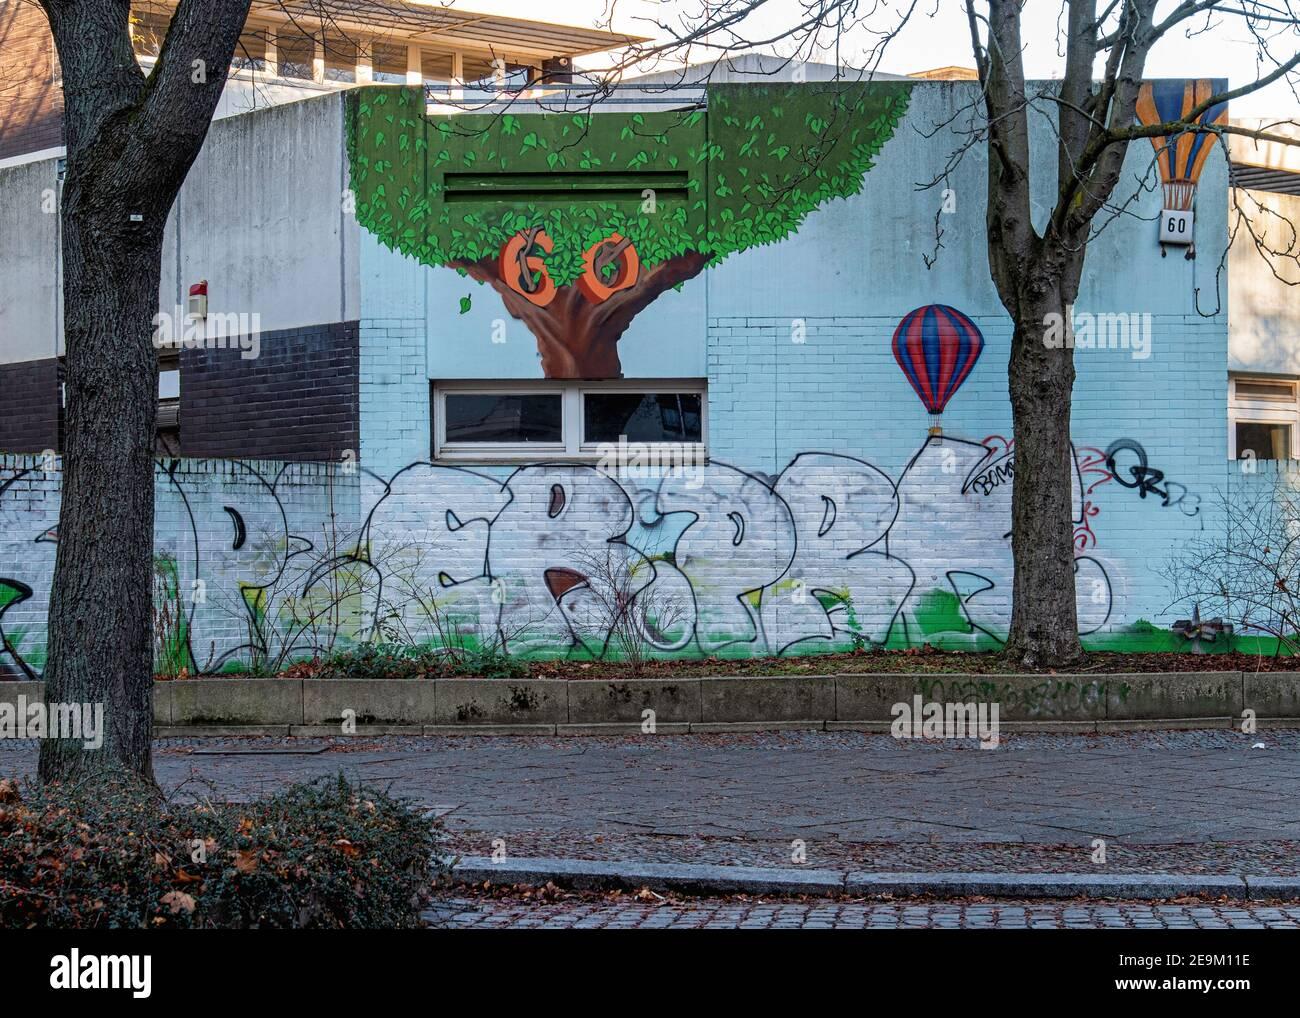 Art de rue sur le mur de Kindergärten ville école maternelle, Ackerstrasse 60, Mitte, Berlin. Ballon d'air chaud Banque D'Images